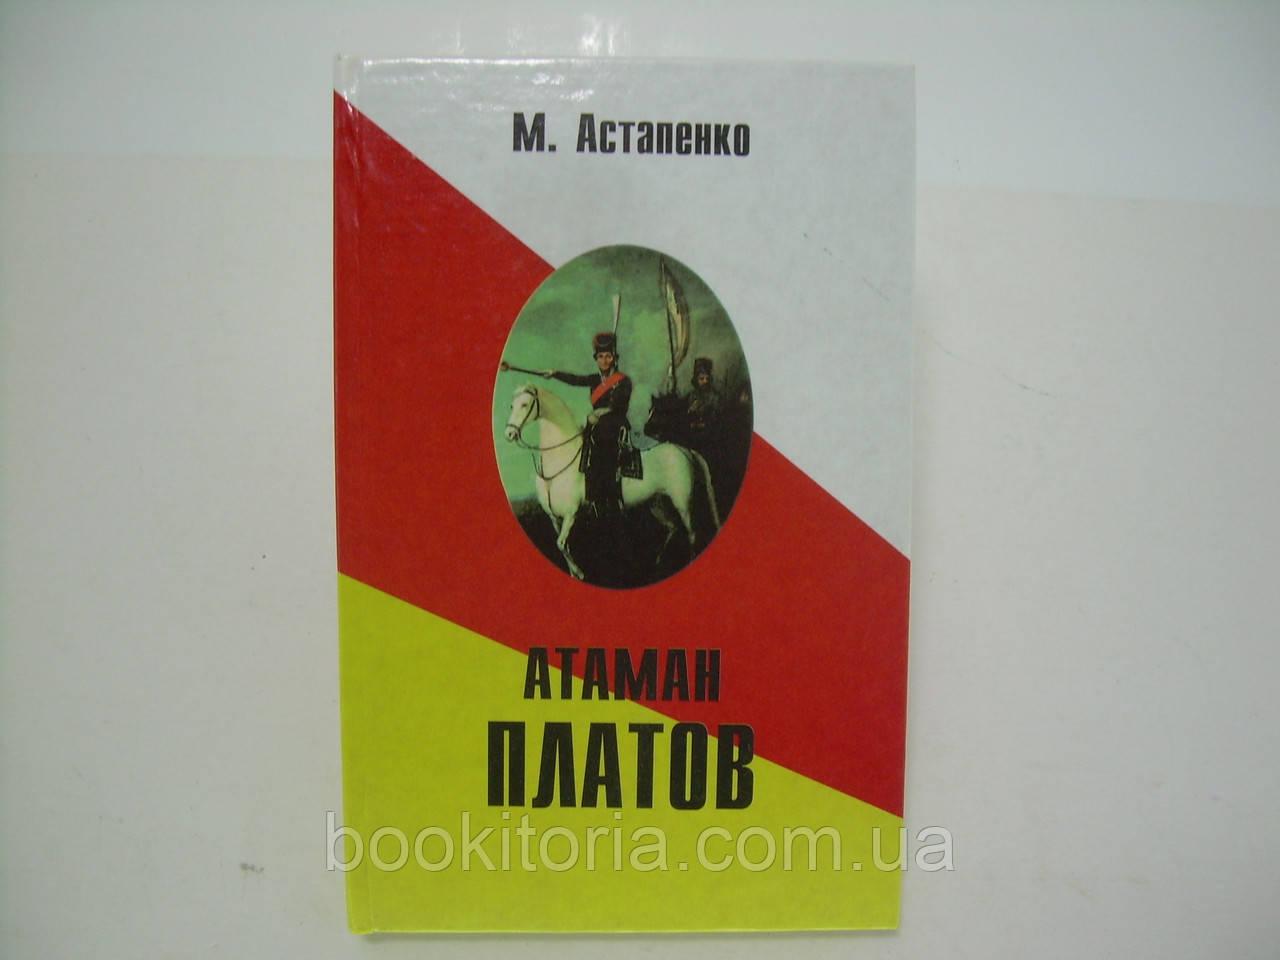 Астапенко М. Атаман Платов (б/у).